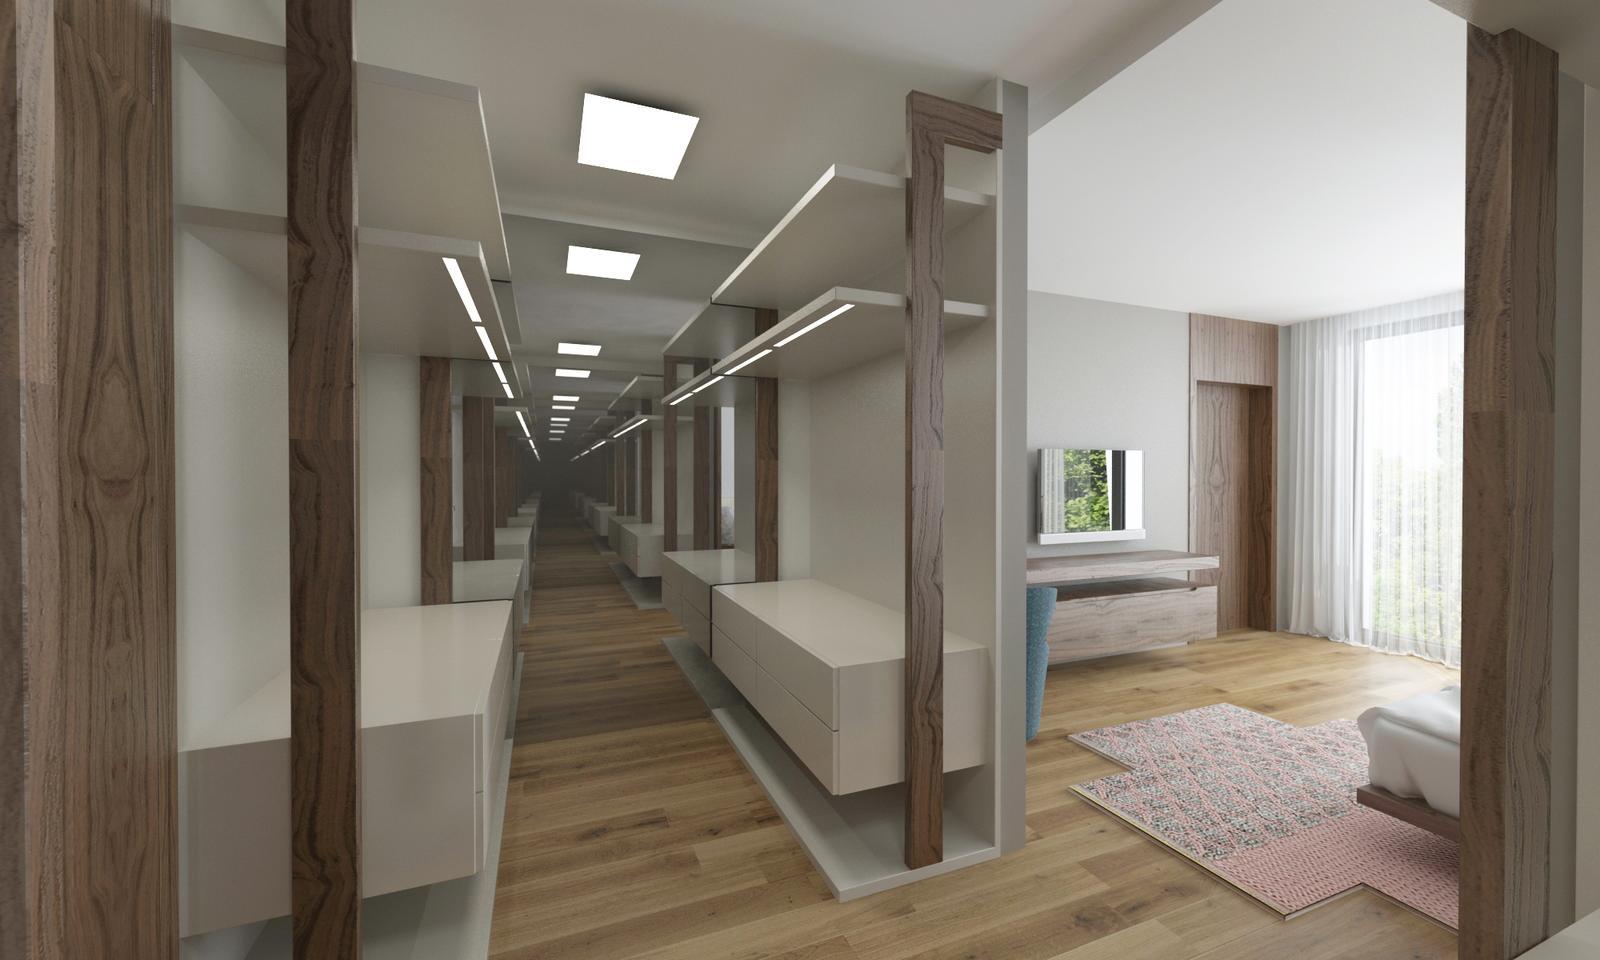 Návrh interiéru bytu - Interiér bytu v orechovom prevedení - šatník v rodičovskej spálni